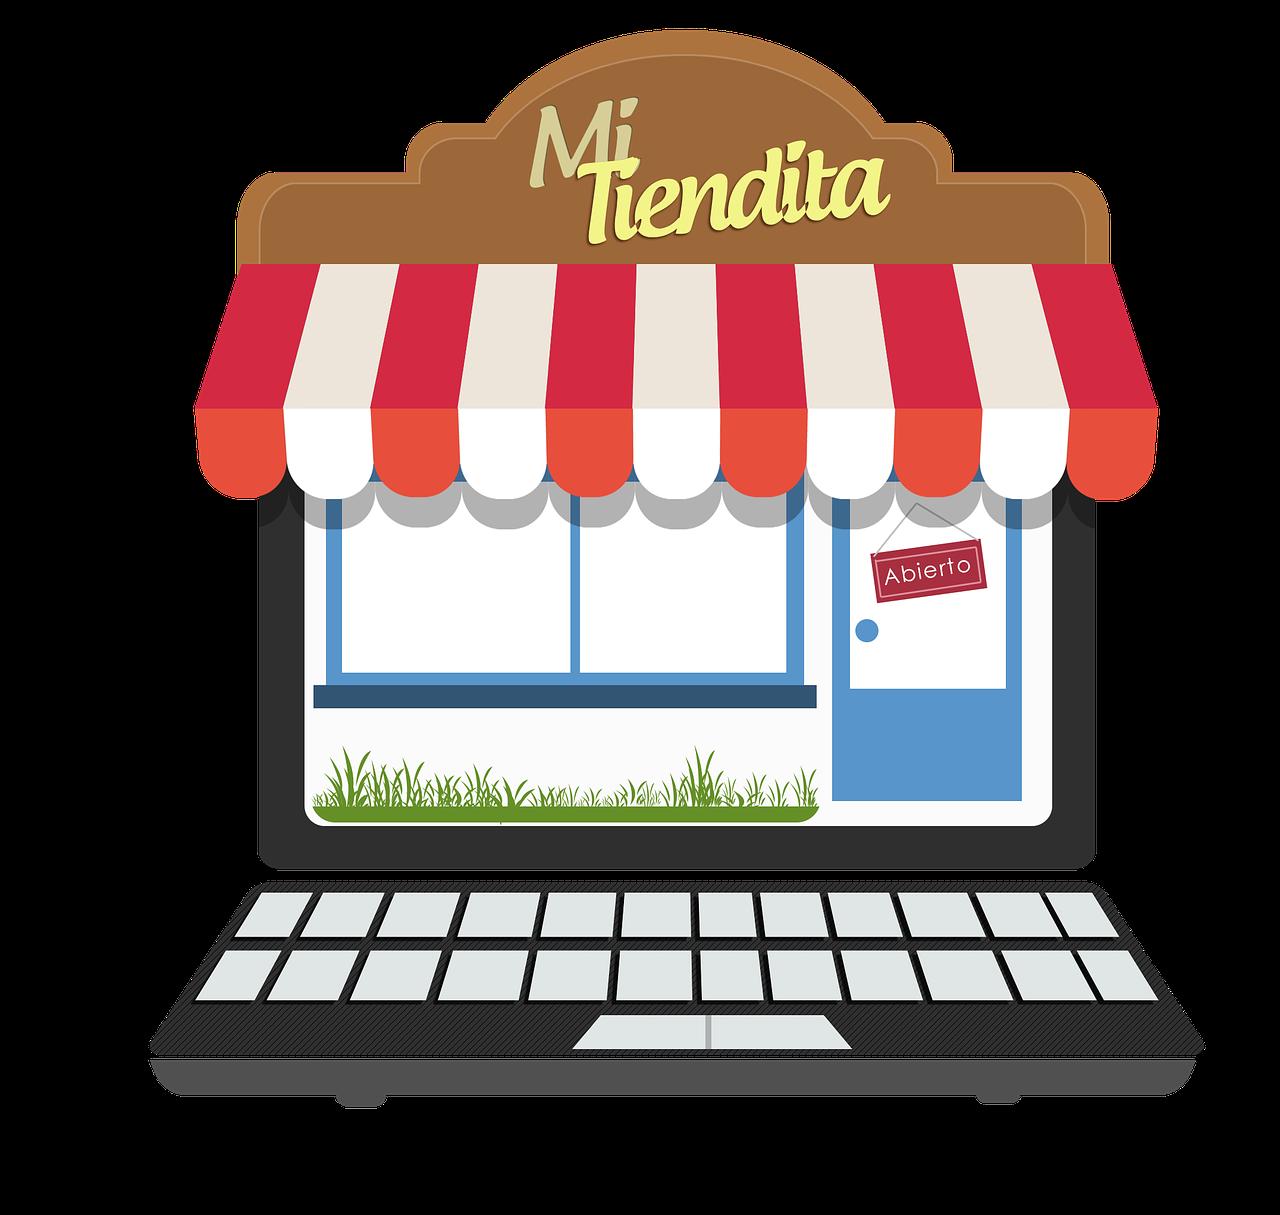 ayudas y subvenciones para la implantación de tic en tu negocio